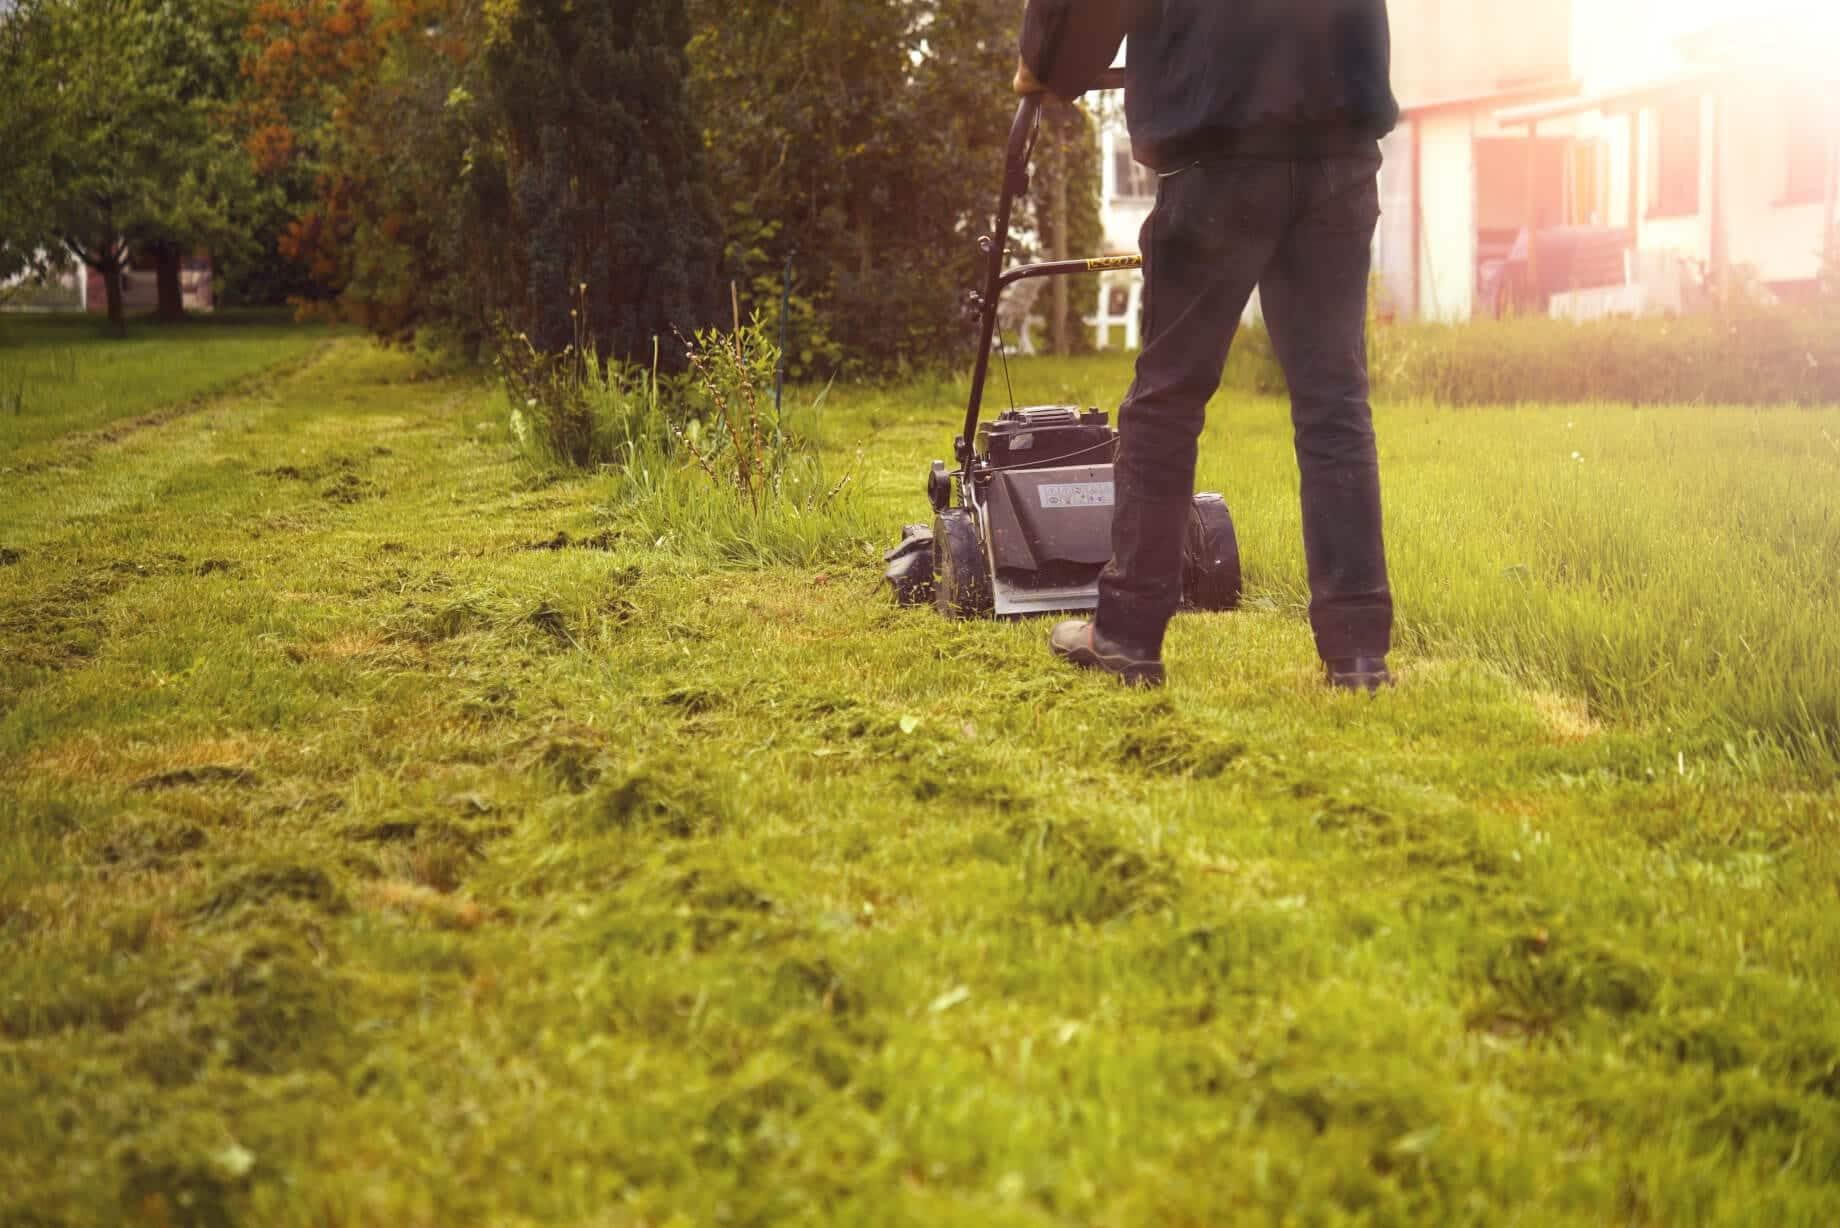 Rasen mähen oder Rasen mulchen? Unsere Tipps.